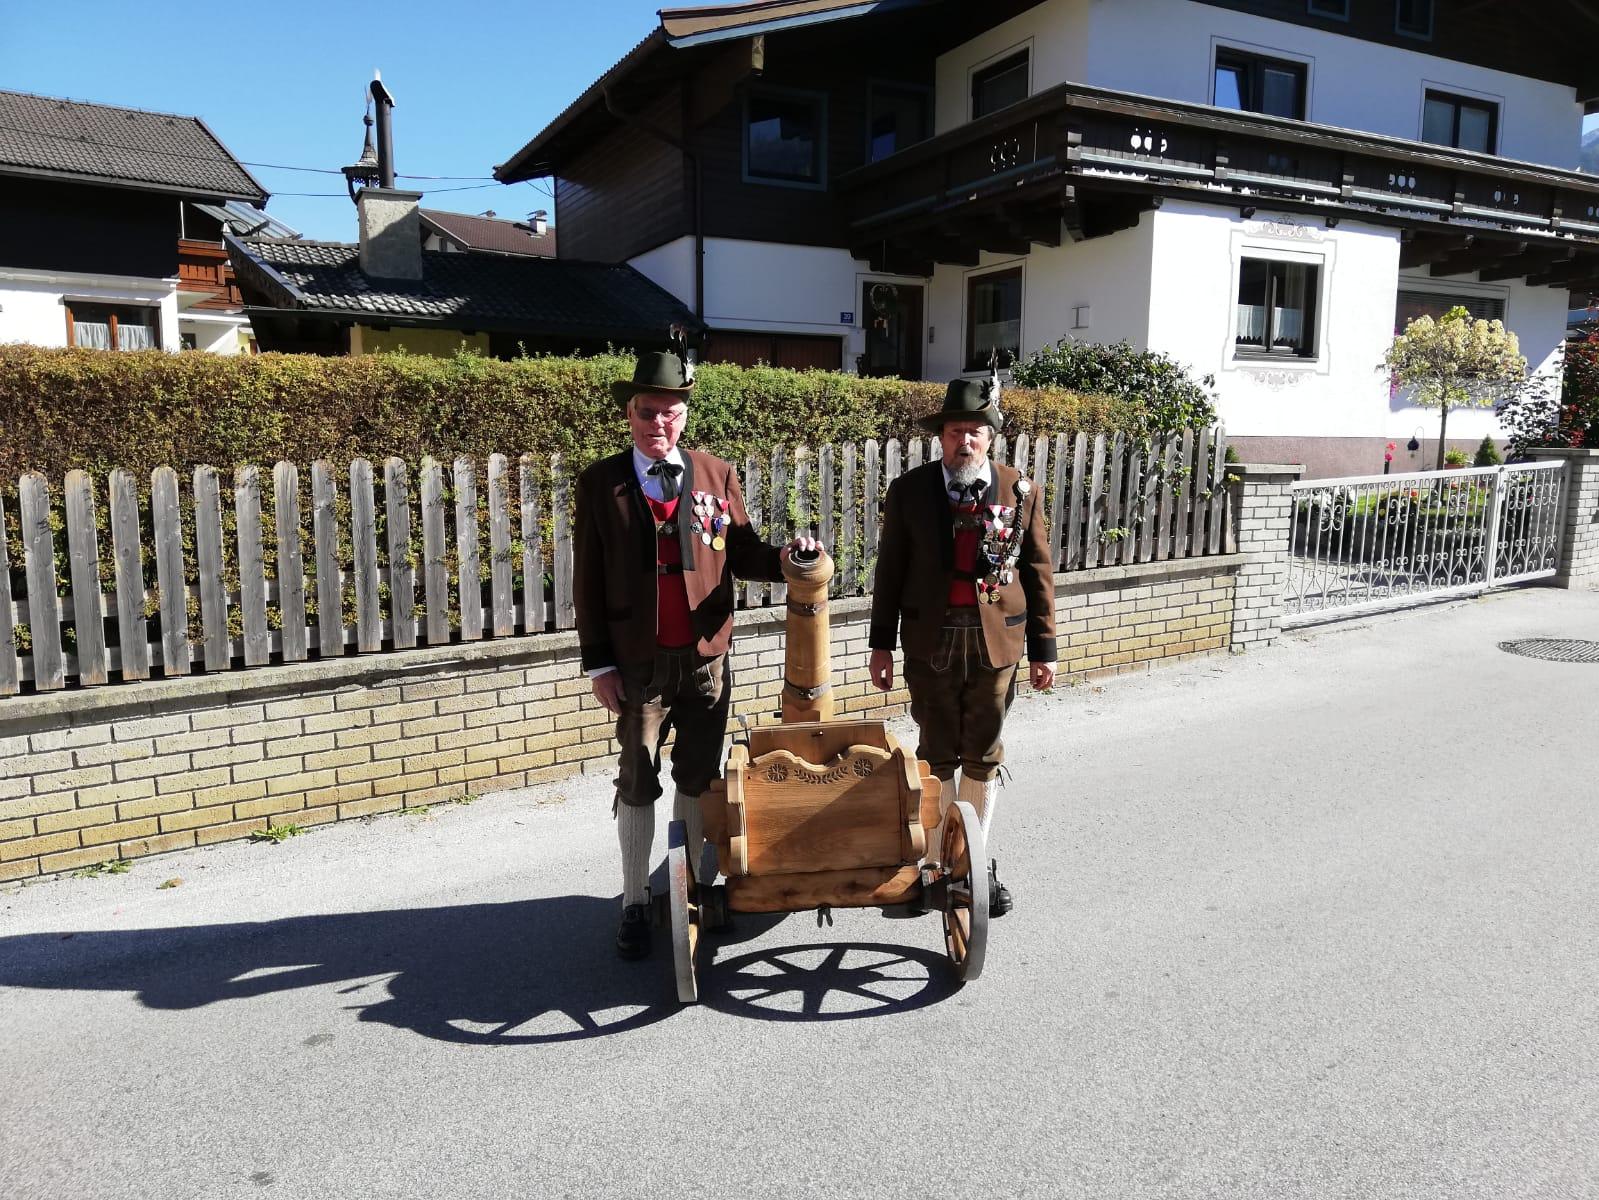 2018-10-13 - Goldene Hochzeit Kammerlander_4